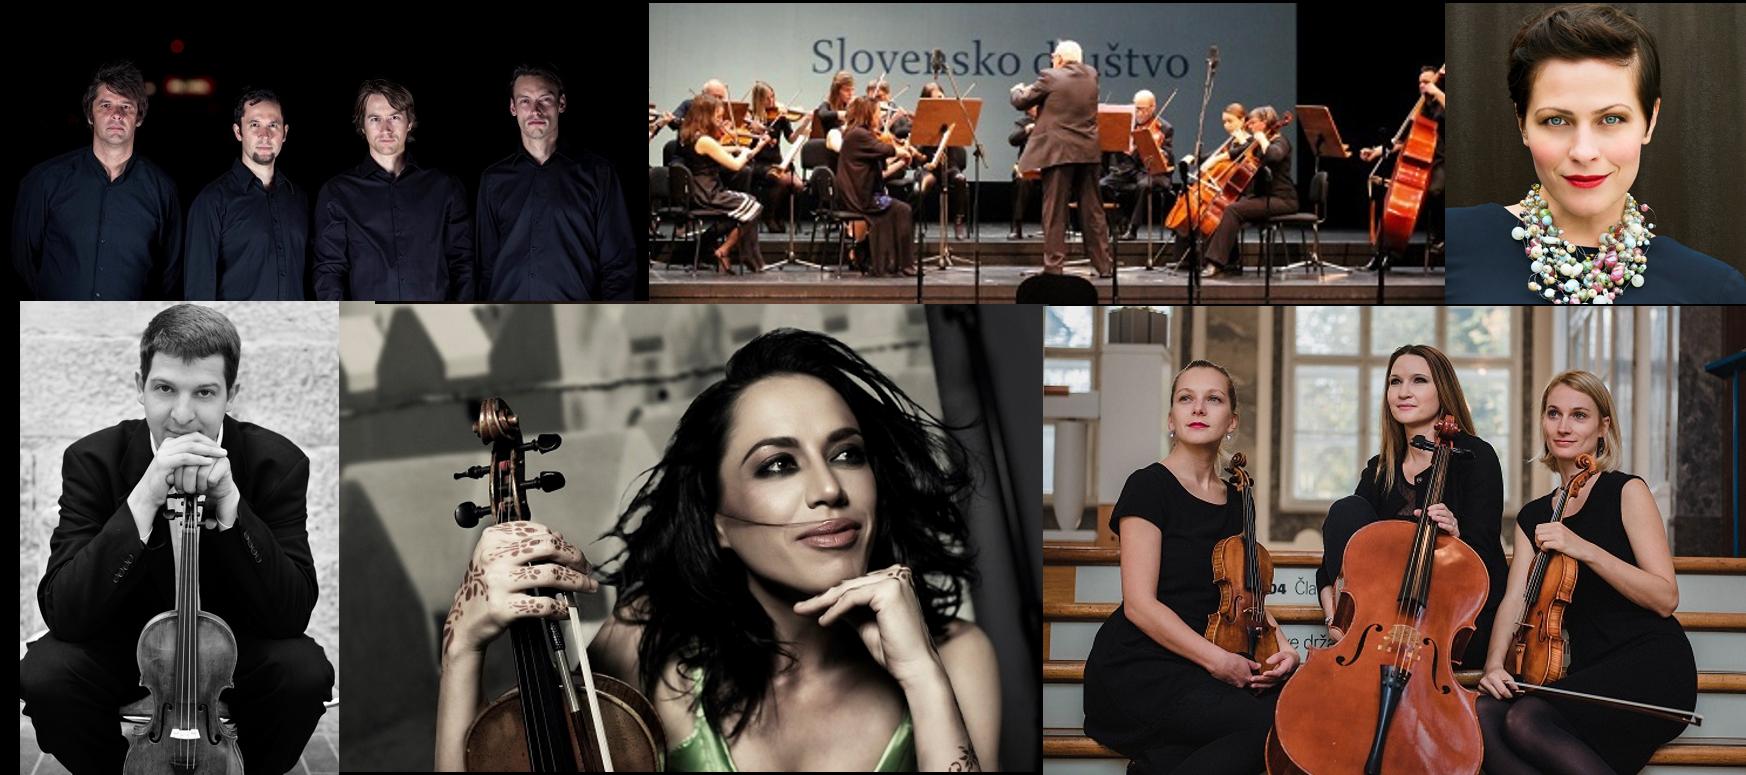 bener_koncertni program 2017_2018